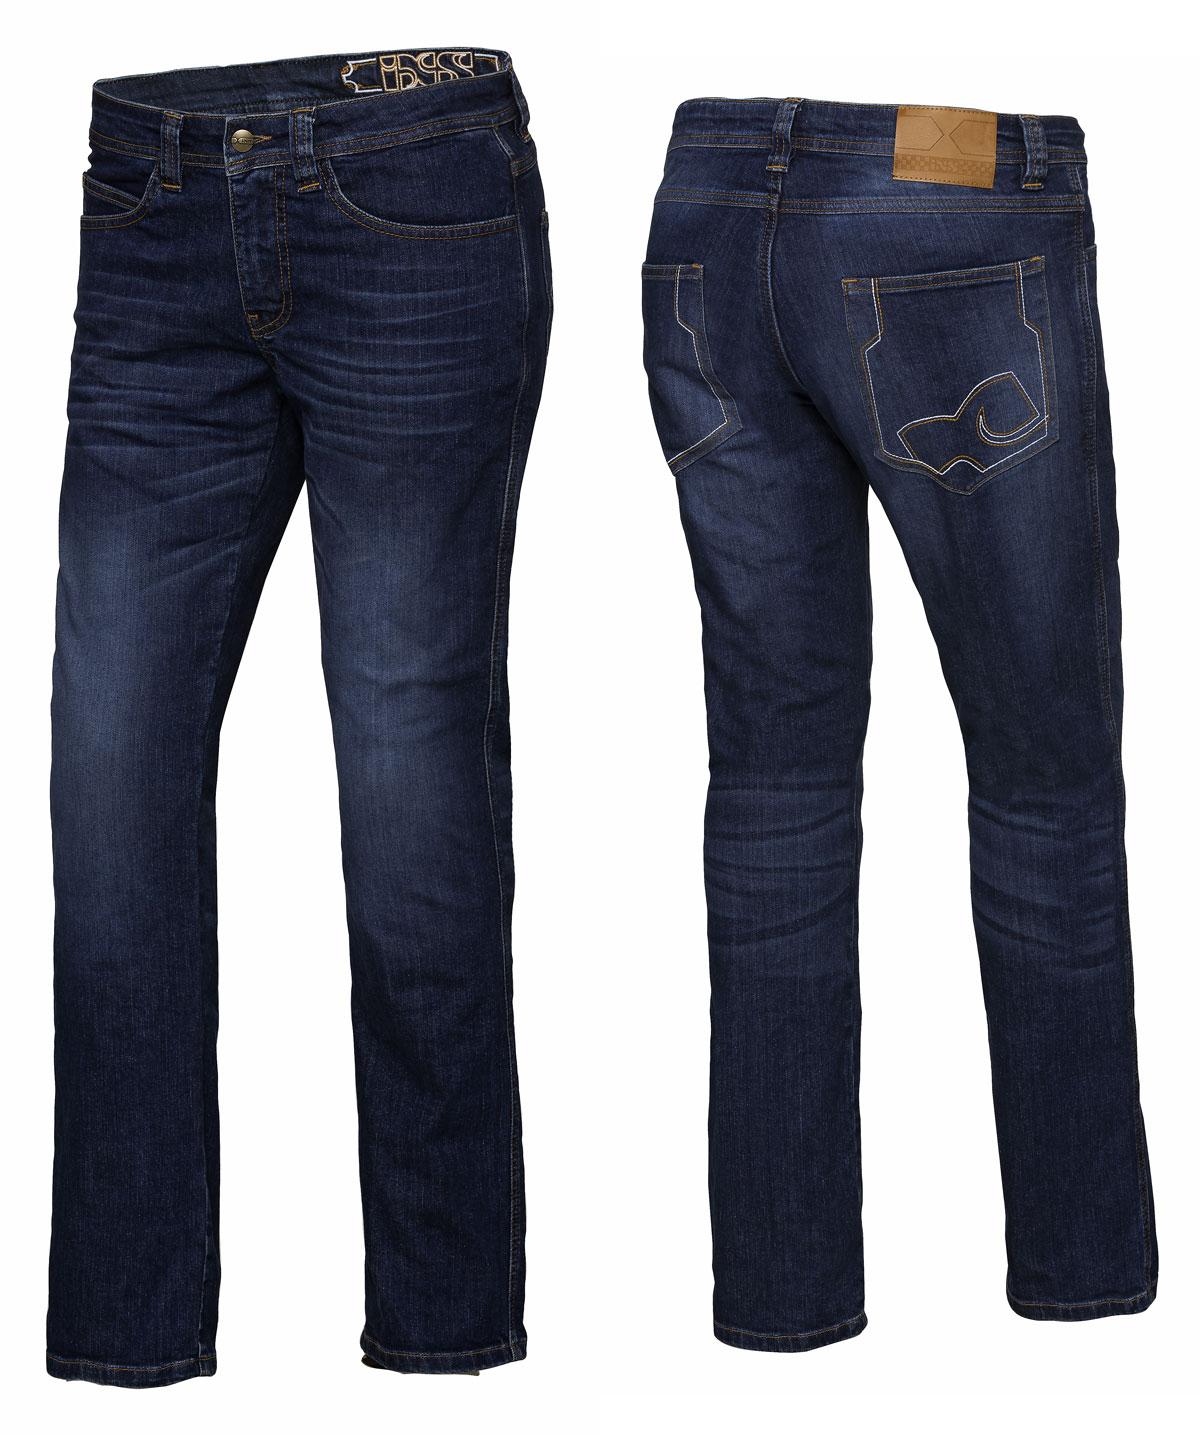 Jean IXS AR Clarkson Jeans-moto-ixs-ar-clarkson-bleu_hd